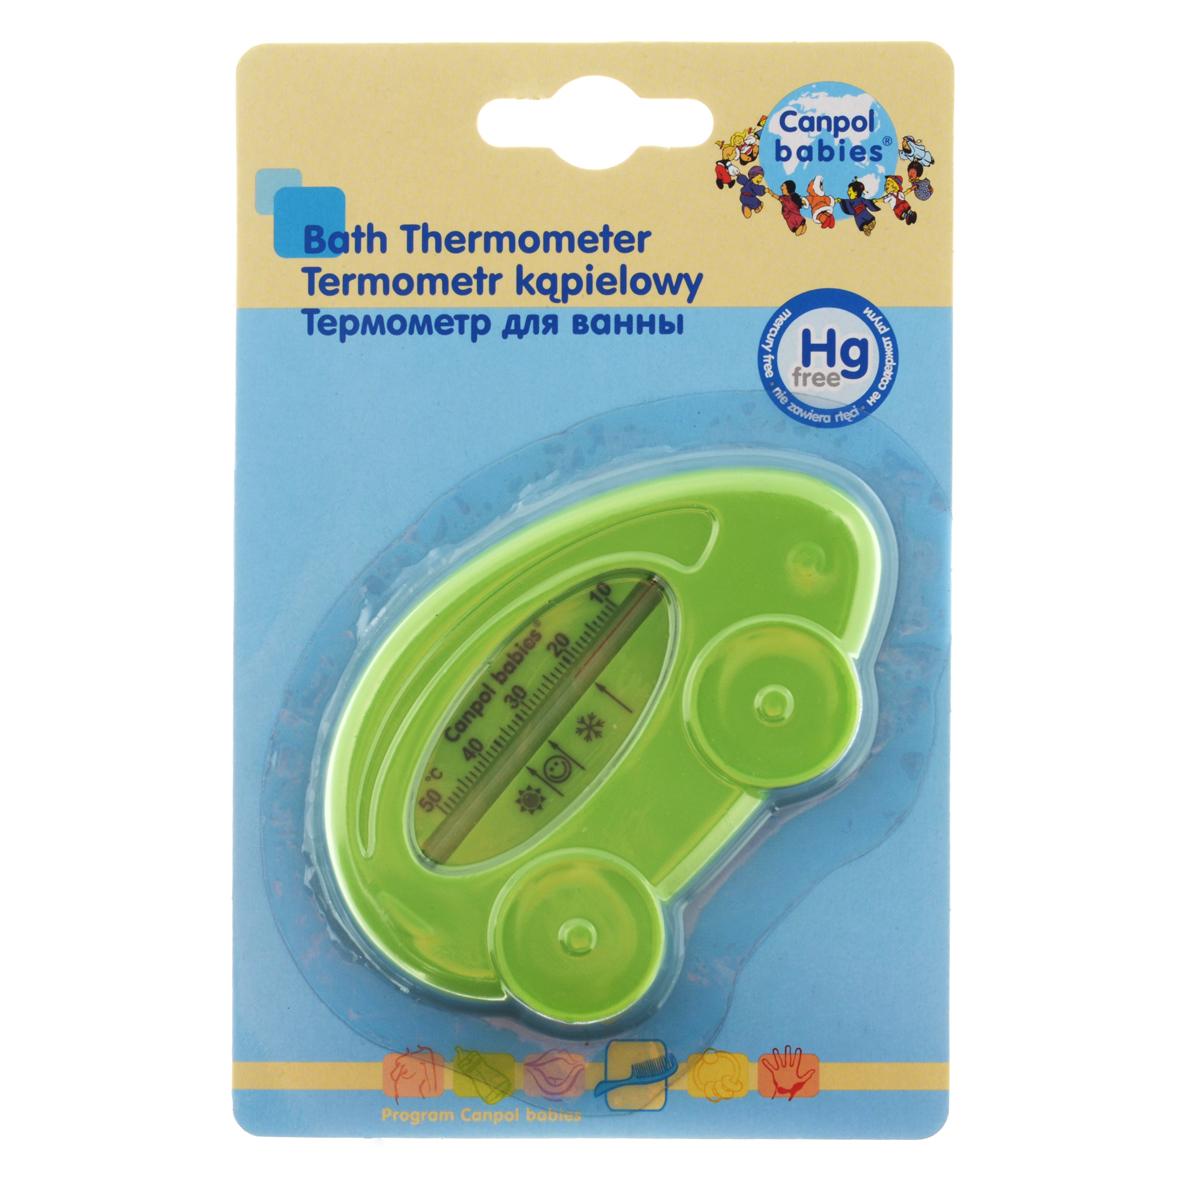 Canpol Babies Термометр для ванны Машина цвет зеленый2/784_зеленыйТермометр Canpol Babies Машина изготовлен из безопасного материала. Он позволяет измерять температуру воды точно, а необычная форма будет привлекать внимание малыша во время купания. Термометр не содержит ртути: для измерения температуры используется спирт. Трубка со спиртом безопасно расположена внутри машинки и недоступна для детей. Термометр имеет удобную шкалу с отметкой оптимальной температуры для купания малыша в виде значка с улыбающимся личиком (около 37°С).